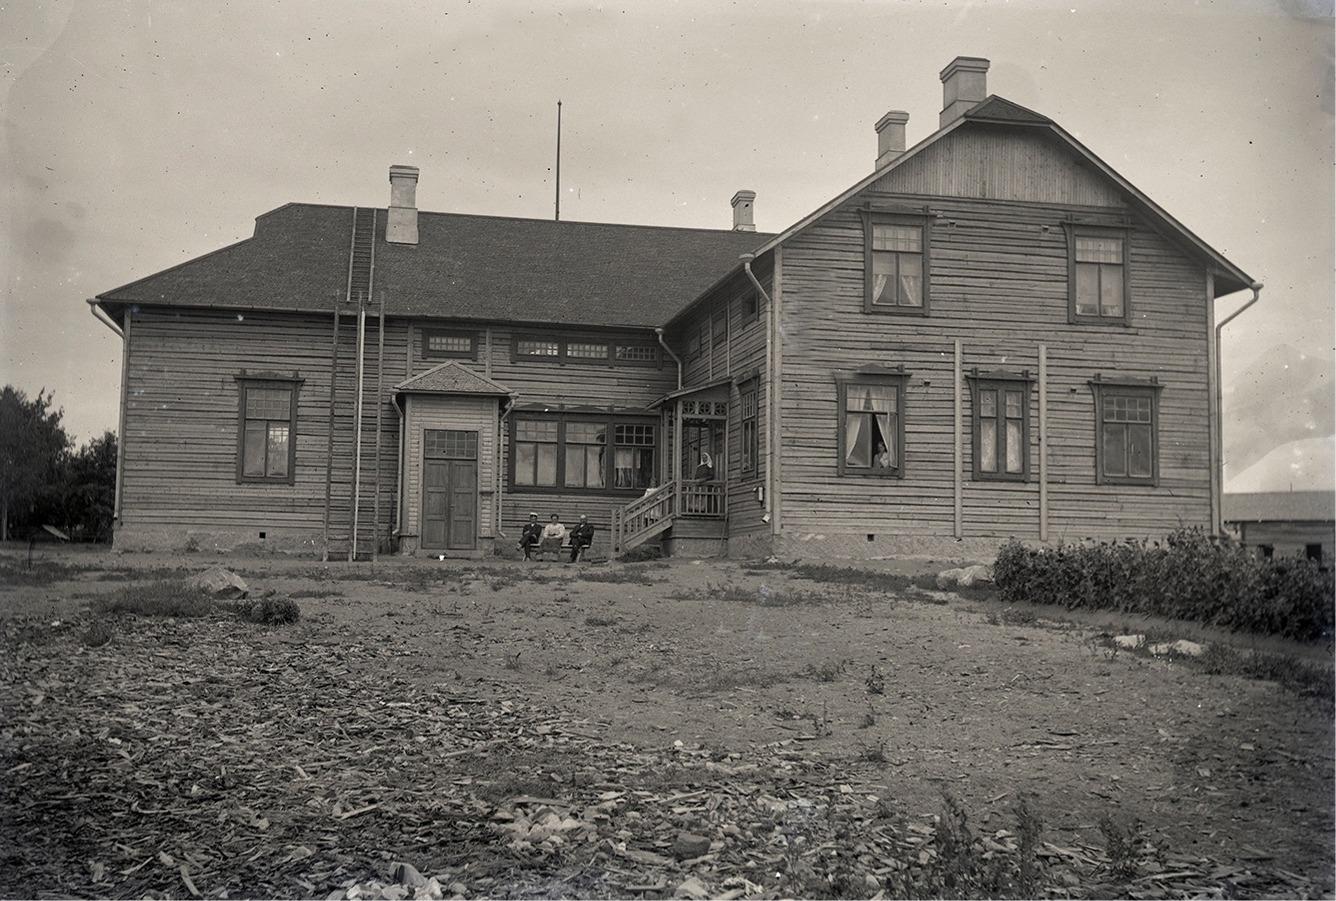 En del av lärarfamiljen Wadström utanför det nya skolhuset, där spånorna fortfarande ligger på skolgården.